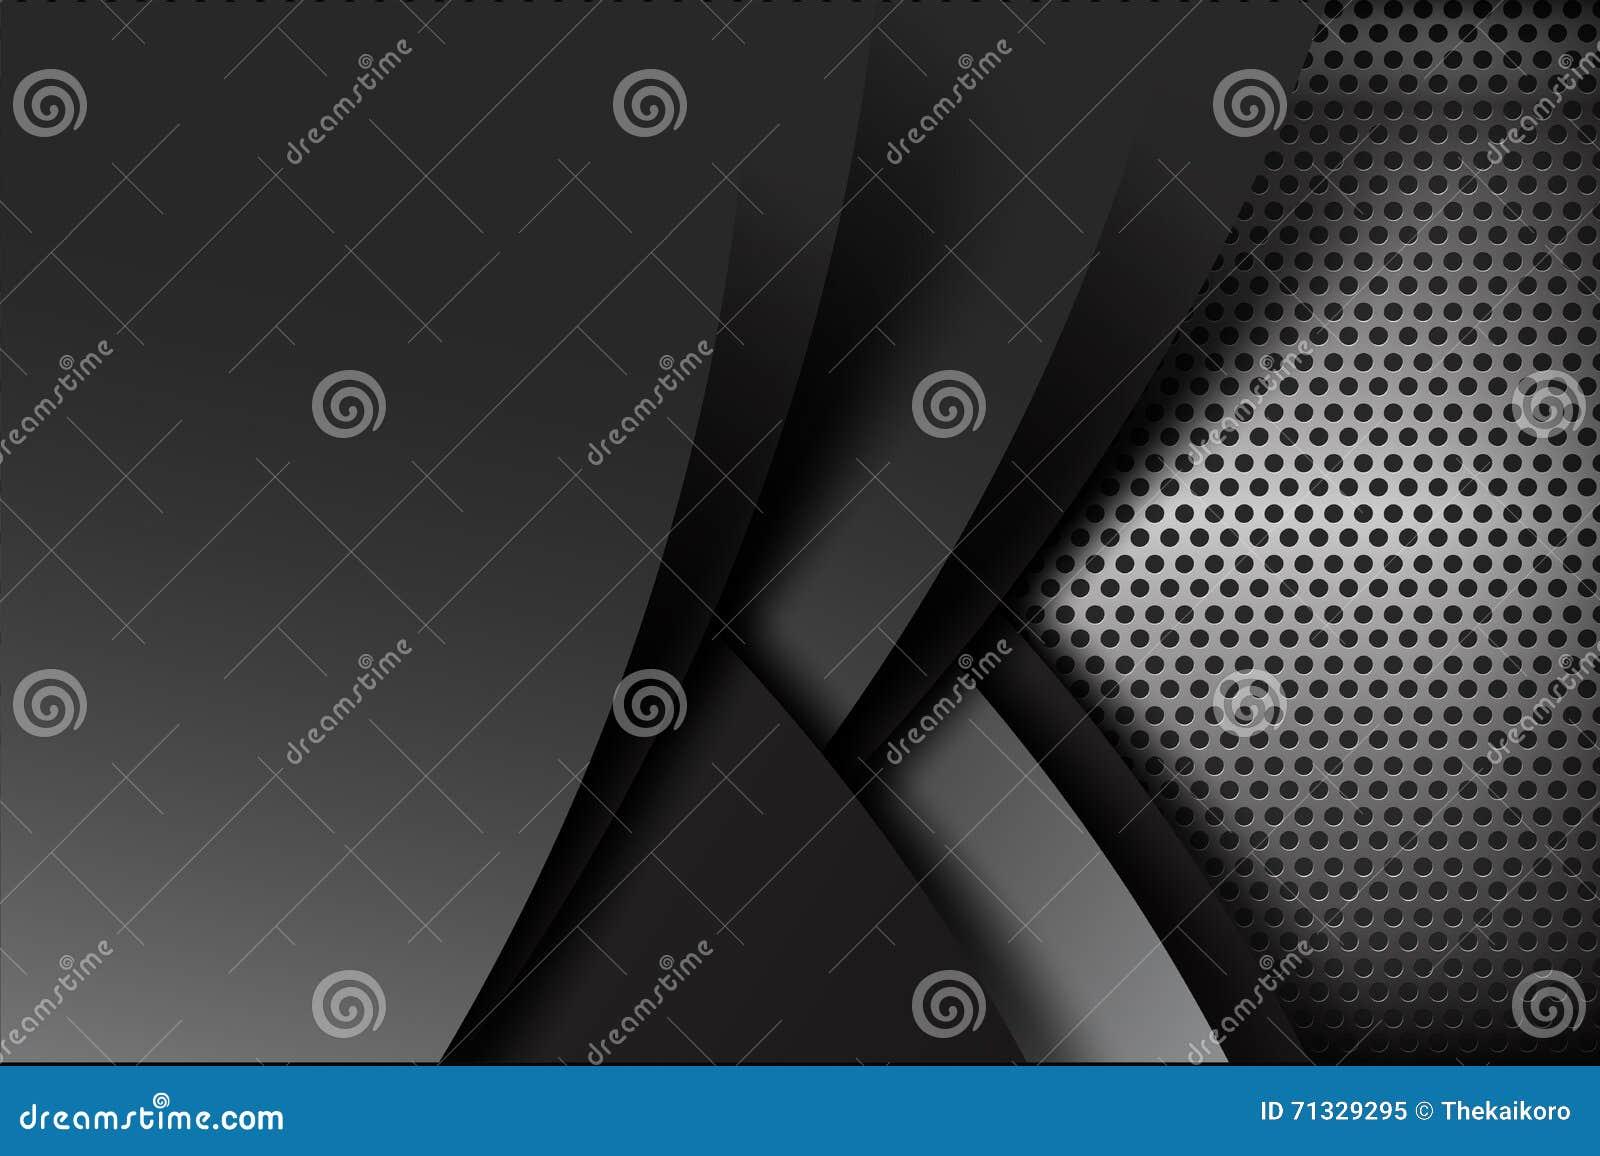 Schwarze und graue Schichtelement-Hintergrundbeschaffenheit des dunklen Chroms